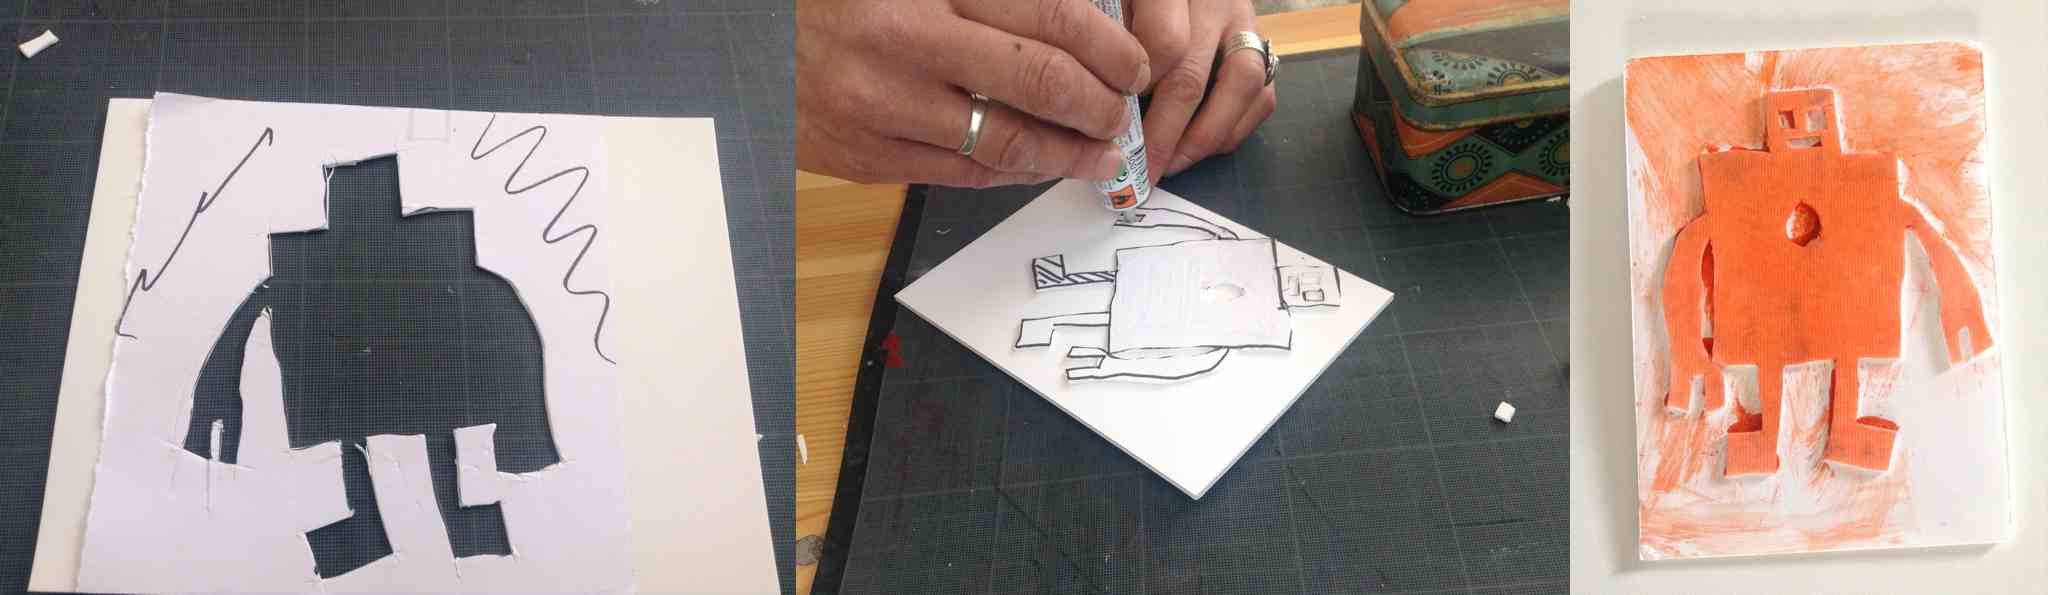 Étapes de création du tampon en forme de robot...